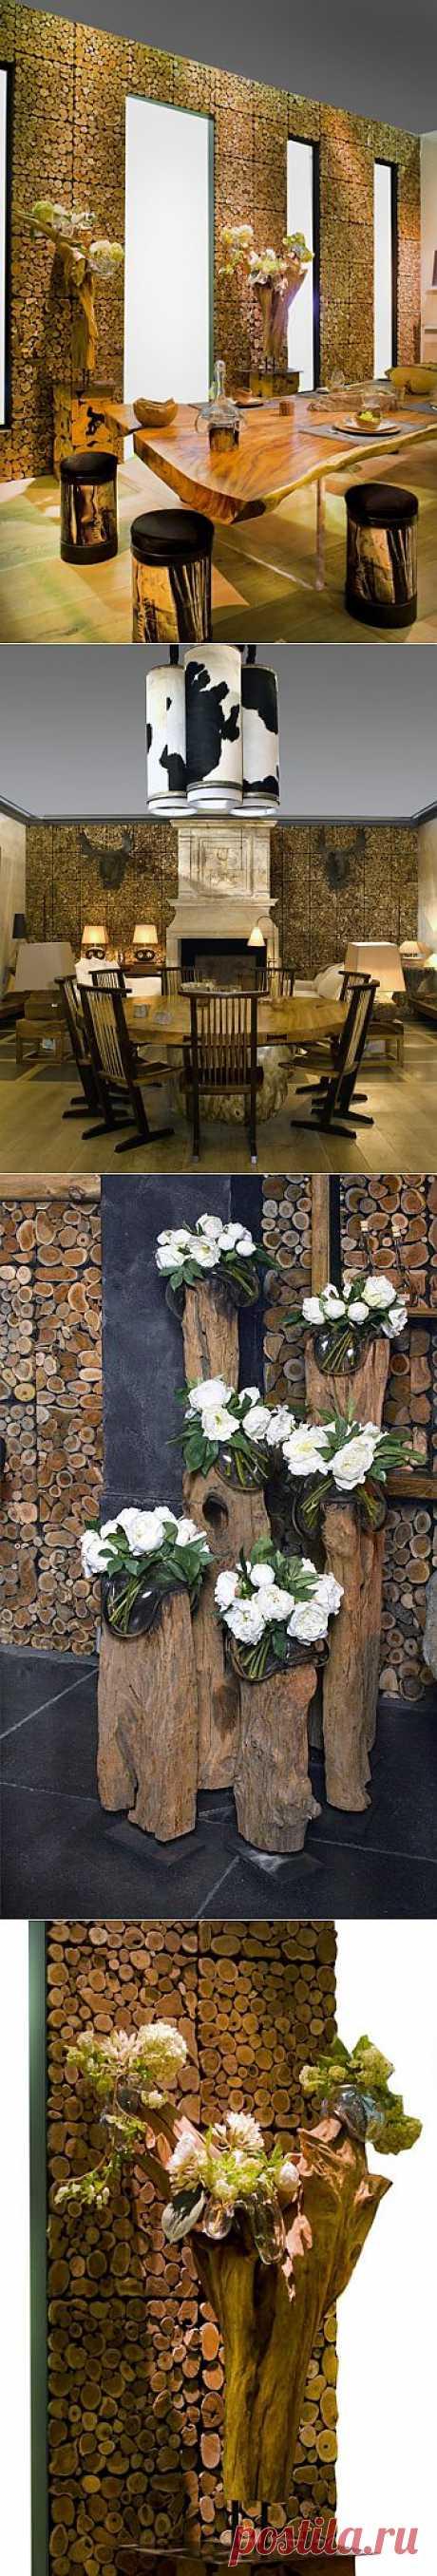 Дерево в интерьере / Декор стен / Модный сайт о стильной переделке одежды и интерьера